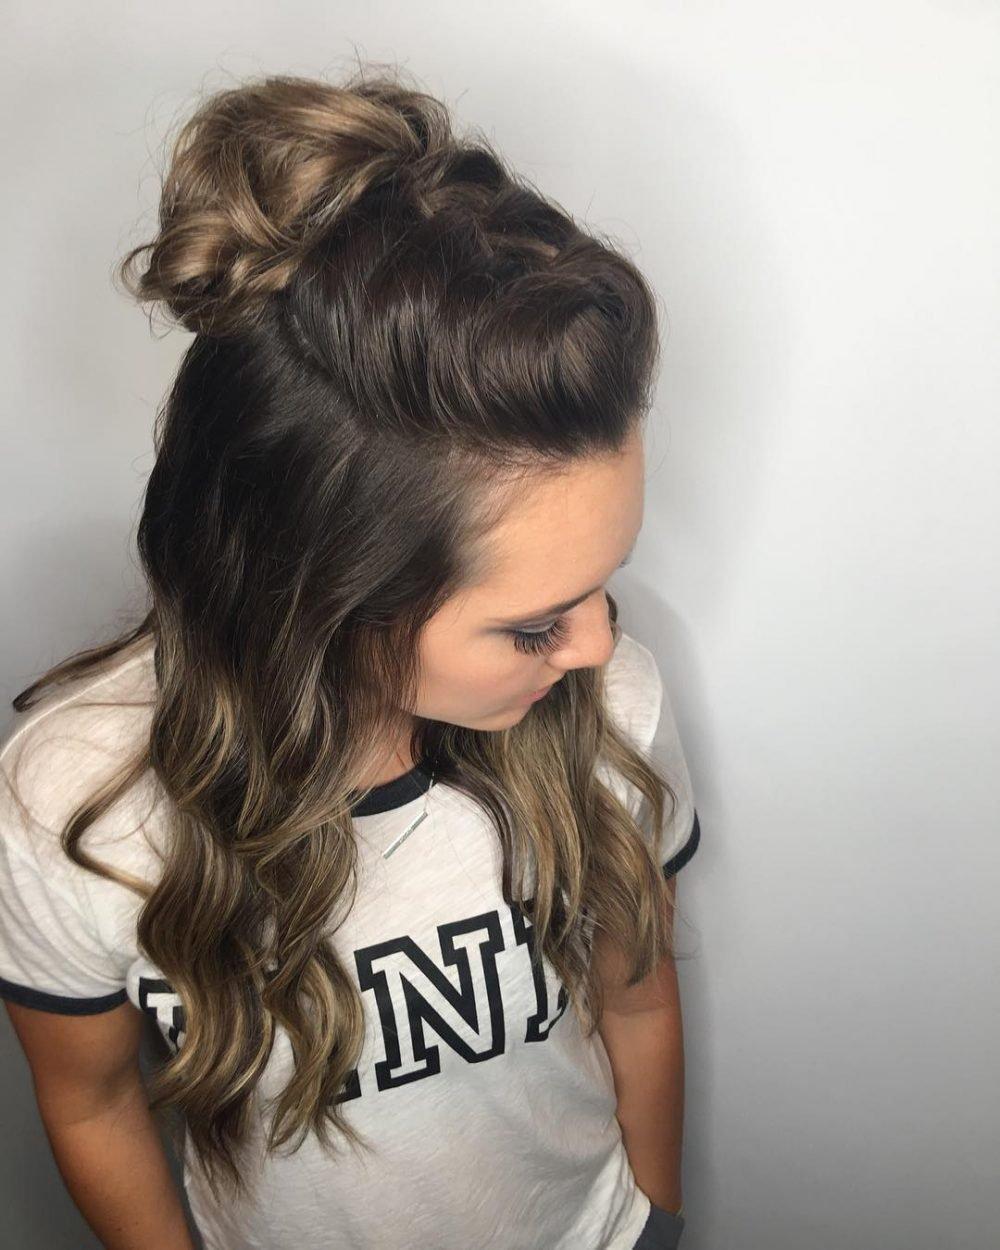 24 Simple Hairstyles For Long Hair Trending In 2018